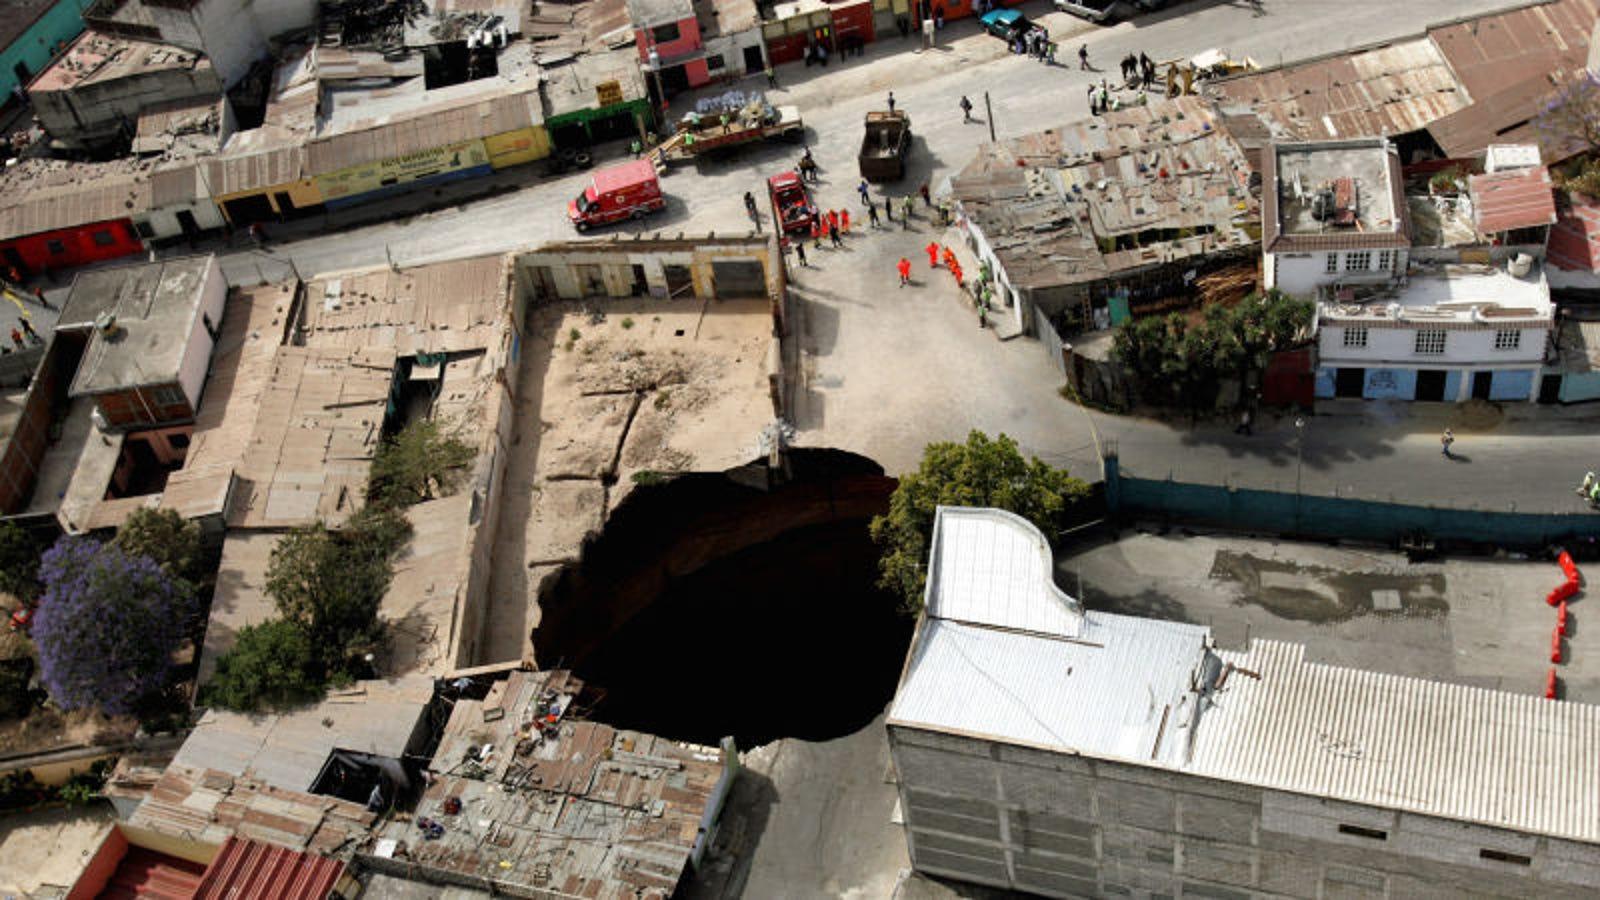 Cómo se forman los extraños agujeros gigantes en el suelo que parecen abrirse de la nada